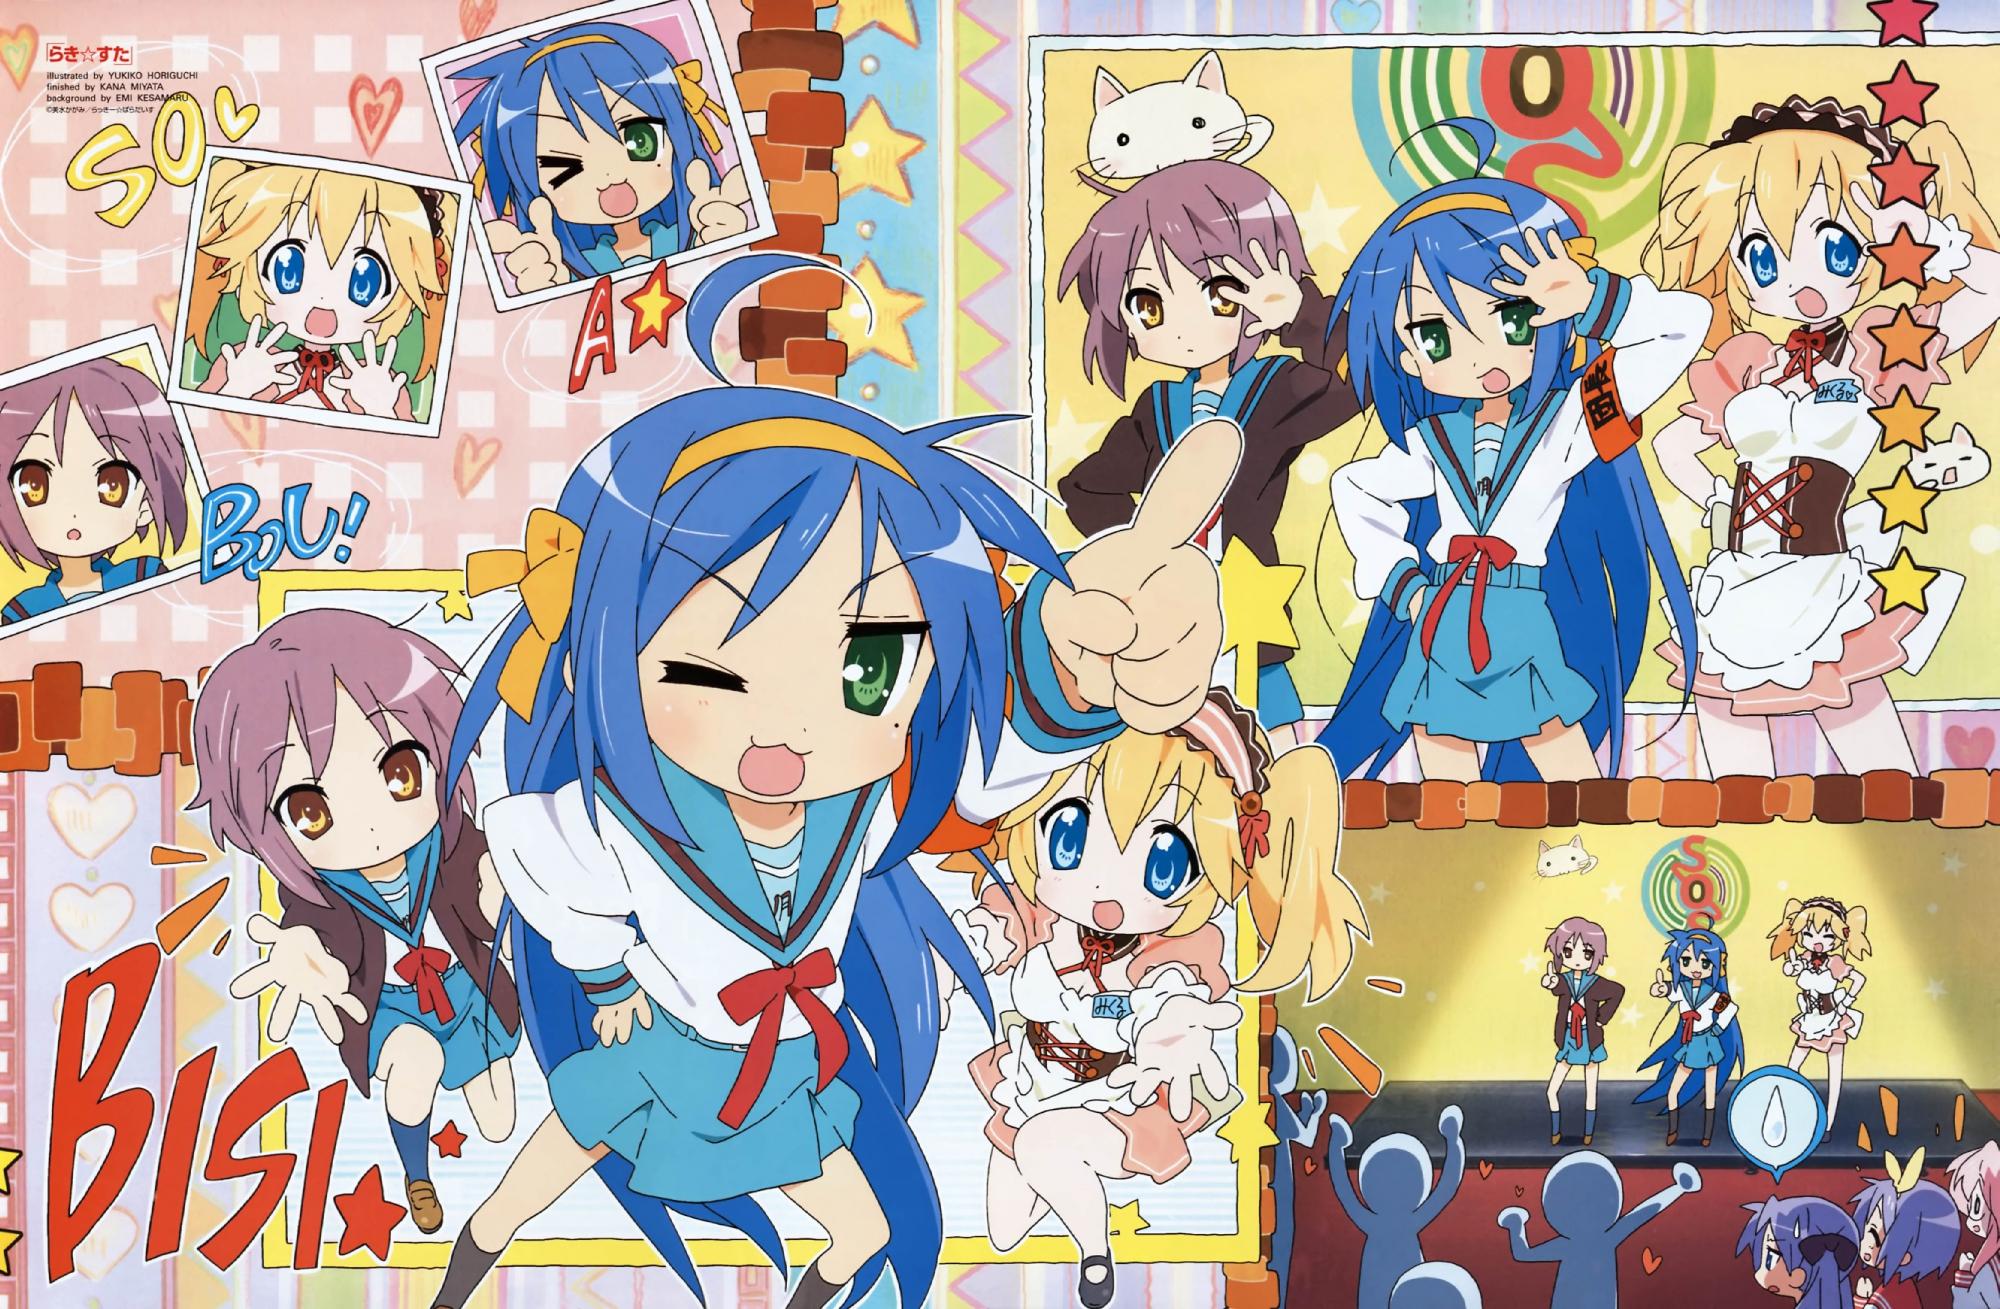 cosplay crossover hiiragi_kagami hiiragi_tsukasa izumi_konata lucky_star nagato_yuki parody patricia_martin suzumiya_haruhi_no_yuutsu